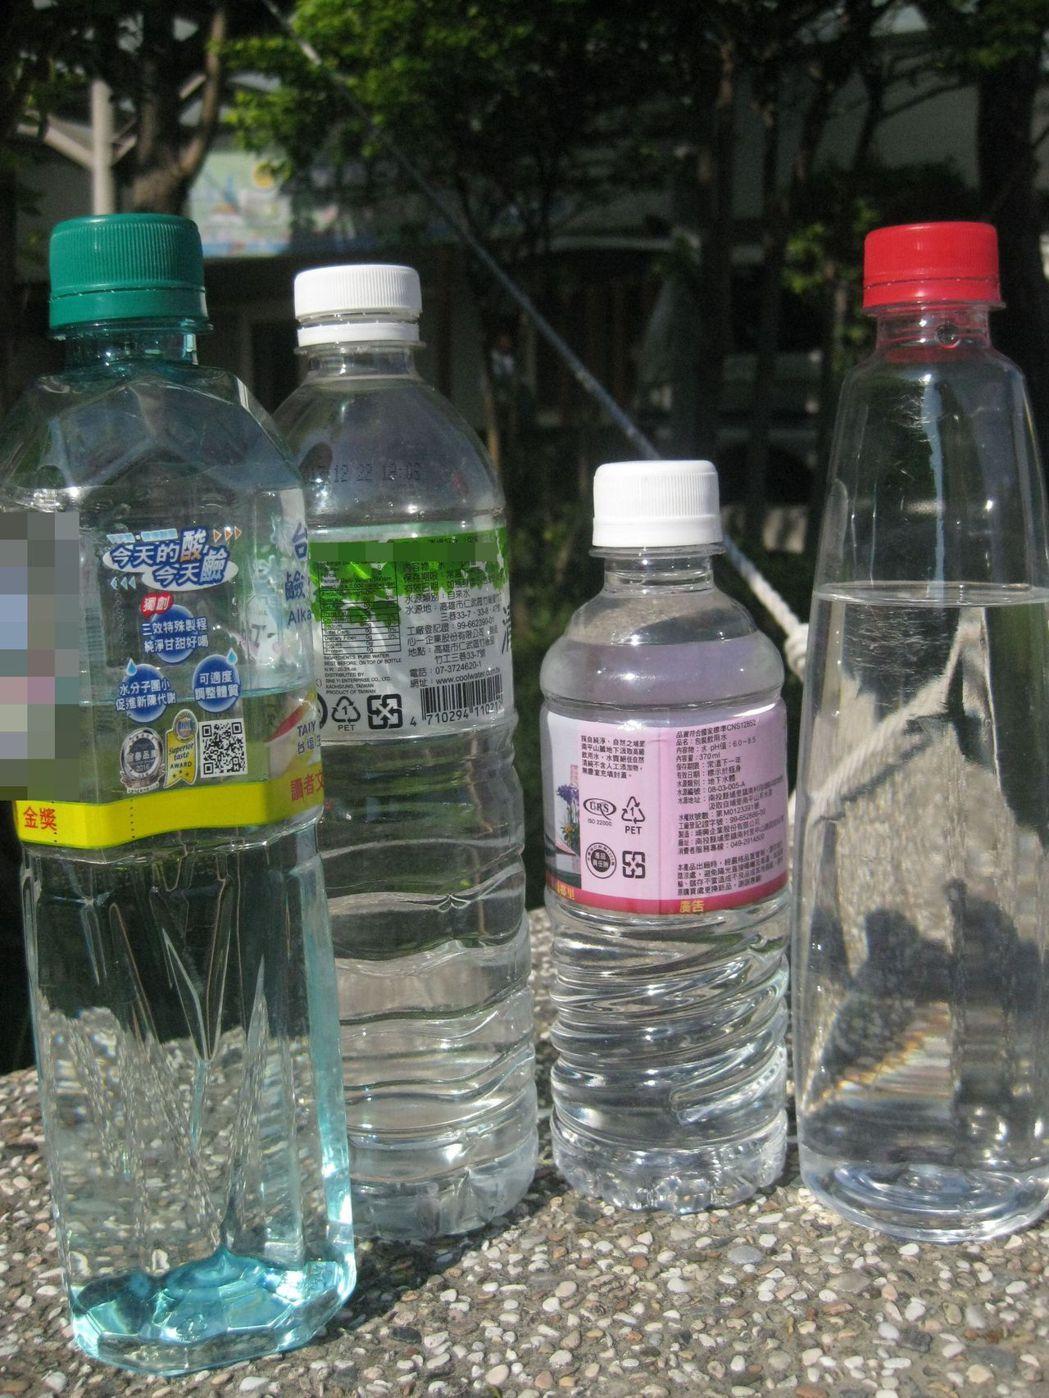 寶特瓶材質多樣化,醫生認為材質硬的較耐熱。記者簡慧珍/攝影